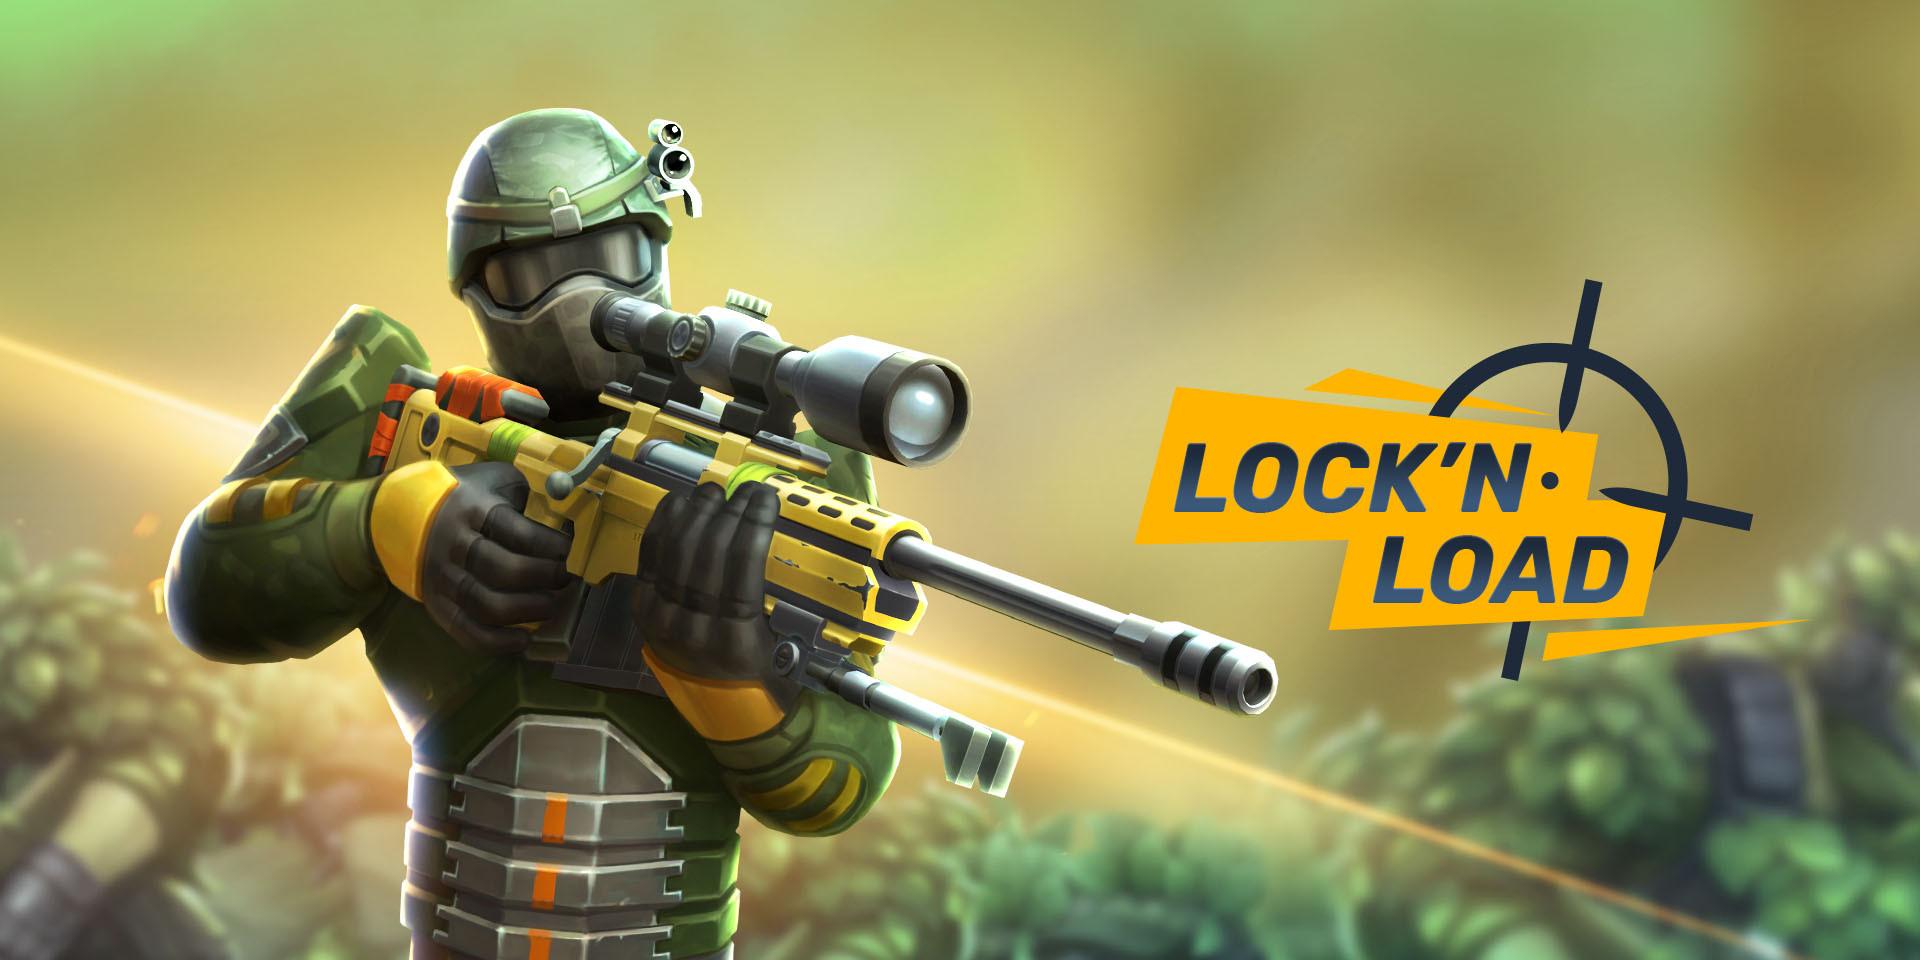 lock-n-load-UmX0IRI2eo